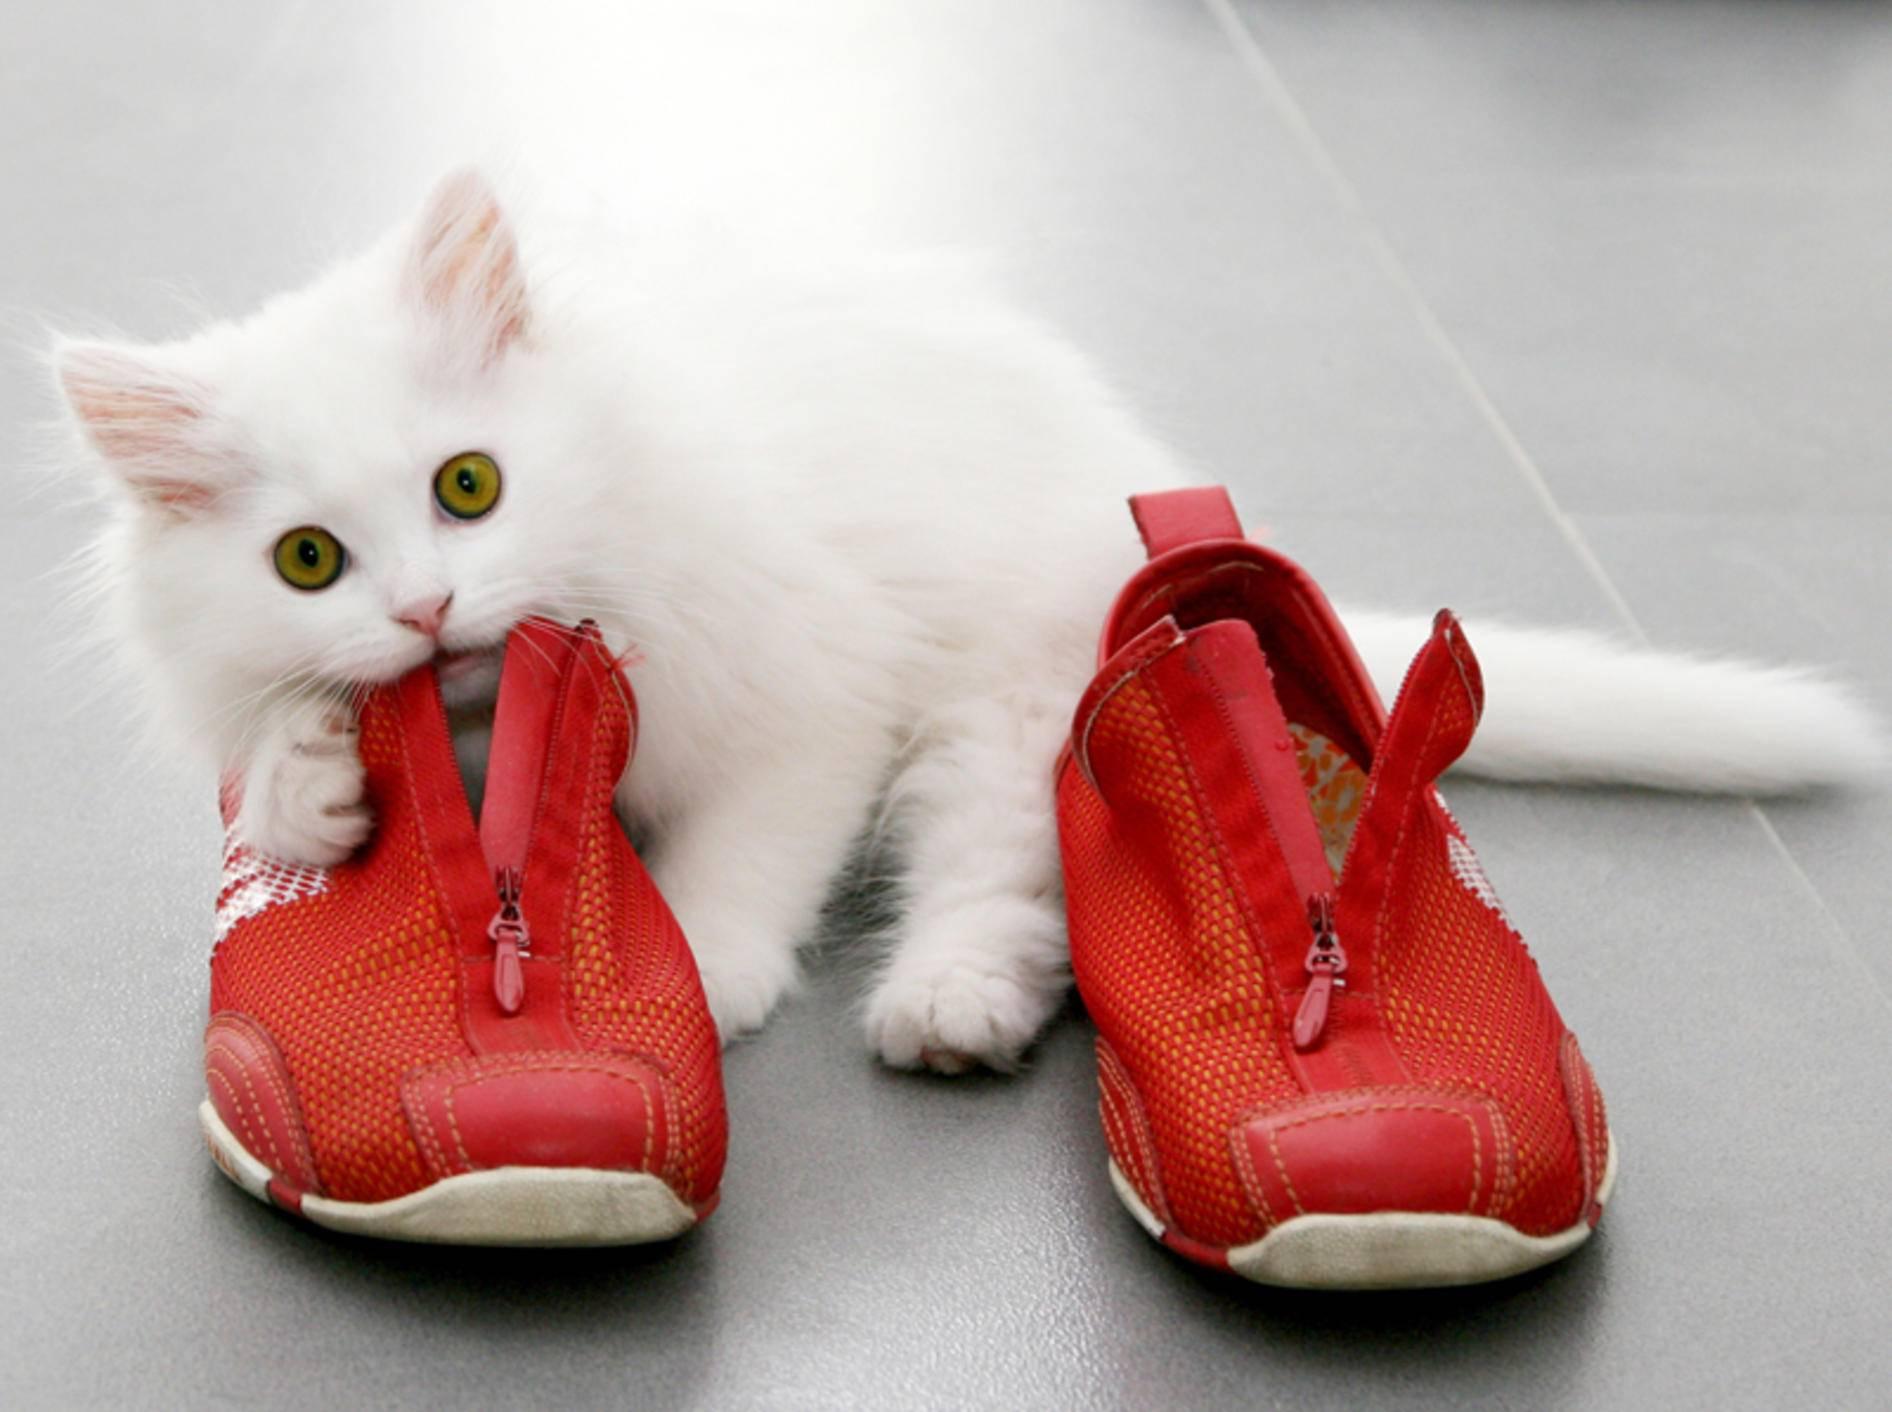 """Diese flauschige Katze findet: """"An Schuhen knubbeln macht Spaß!"""" – Shutterstock / SaNa"""